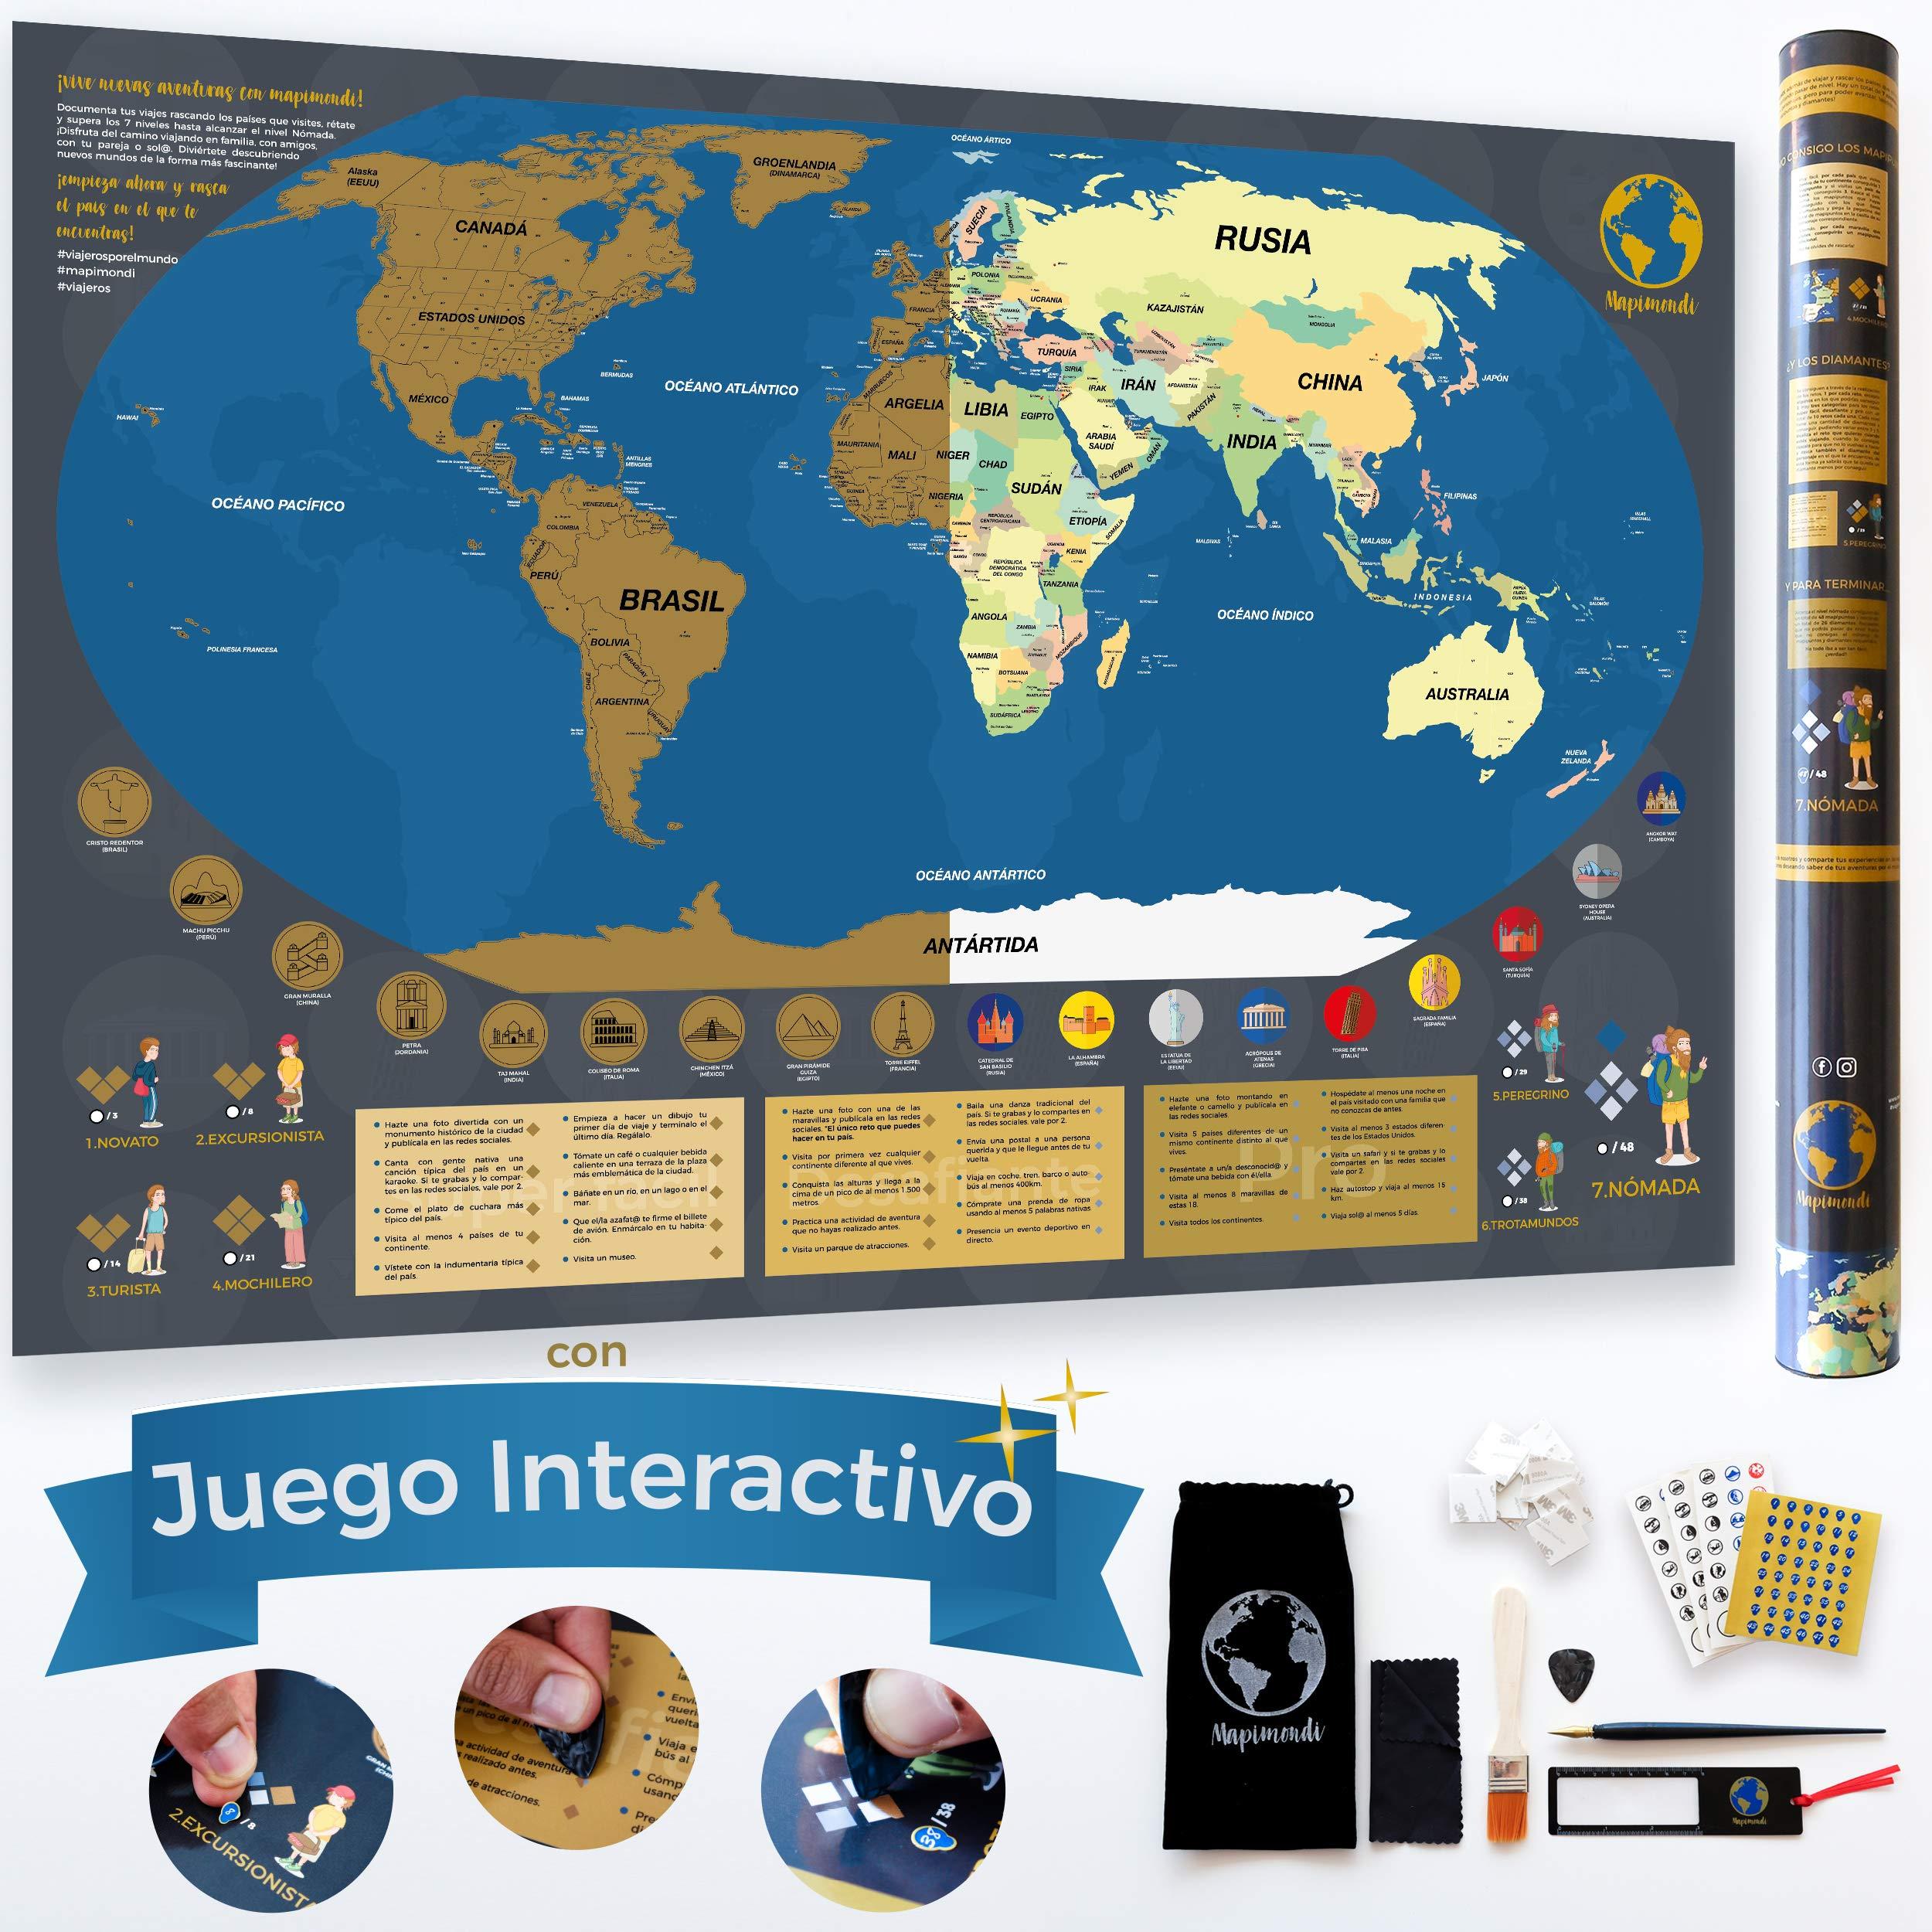 Mapa Mundi Rascar en Español de 84 x 58cm con Juego Interactivo de Puntos y Retos